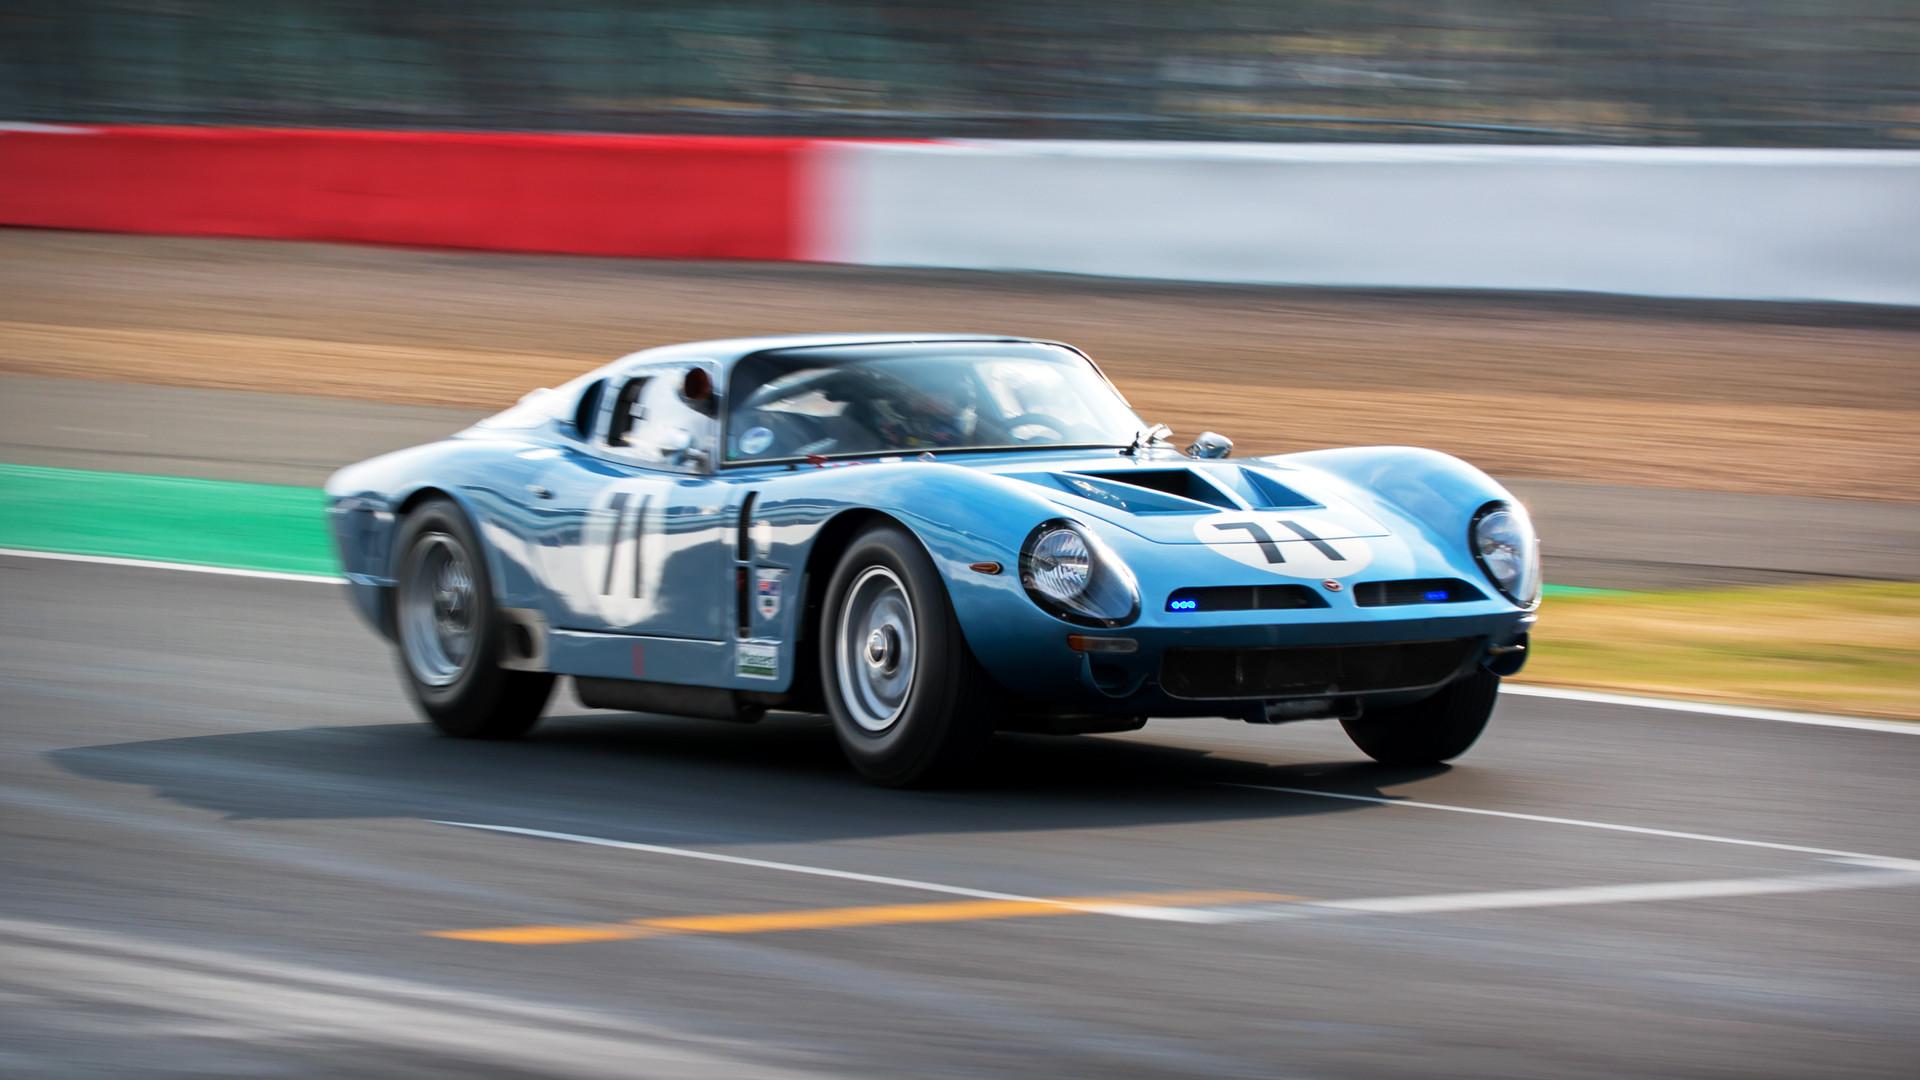 Roger Wills' 1965 Bizzarrini 5300 GT